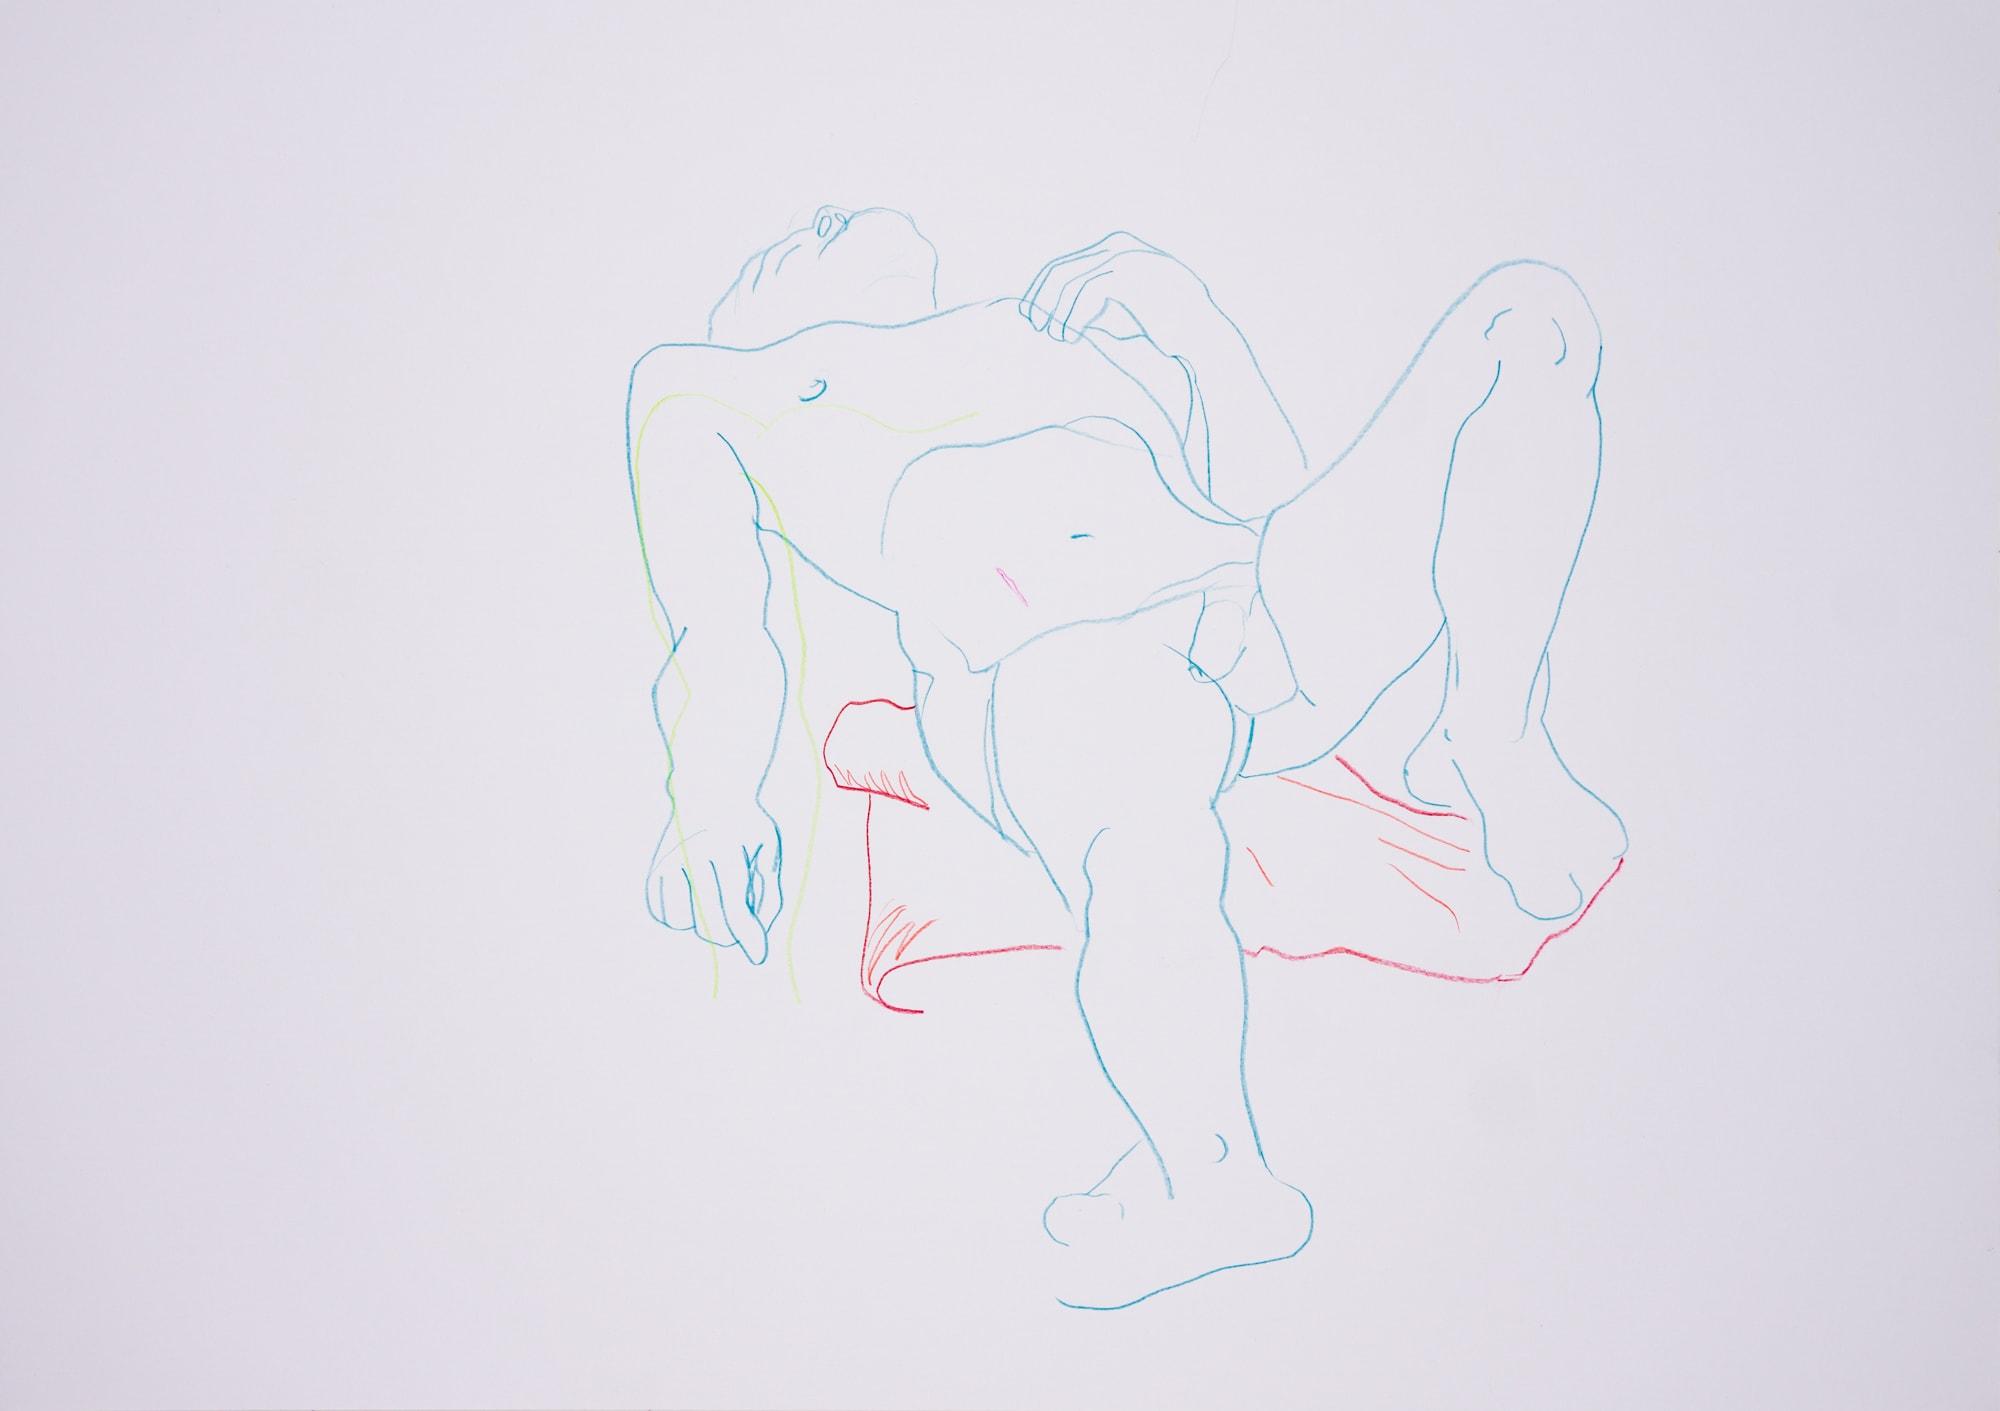 Zeichnung, Farbstift auf Papier, 59,4x42cm,Männerakt, Künstlerin: Franziska King